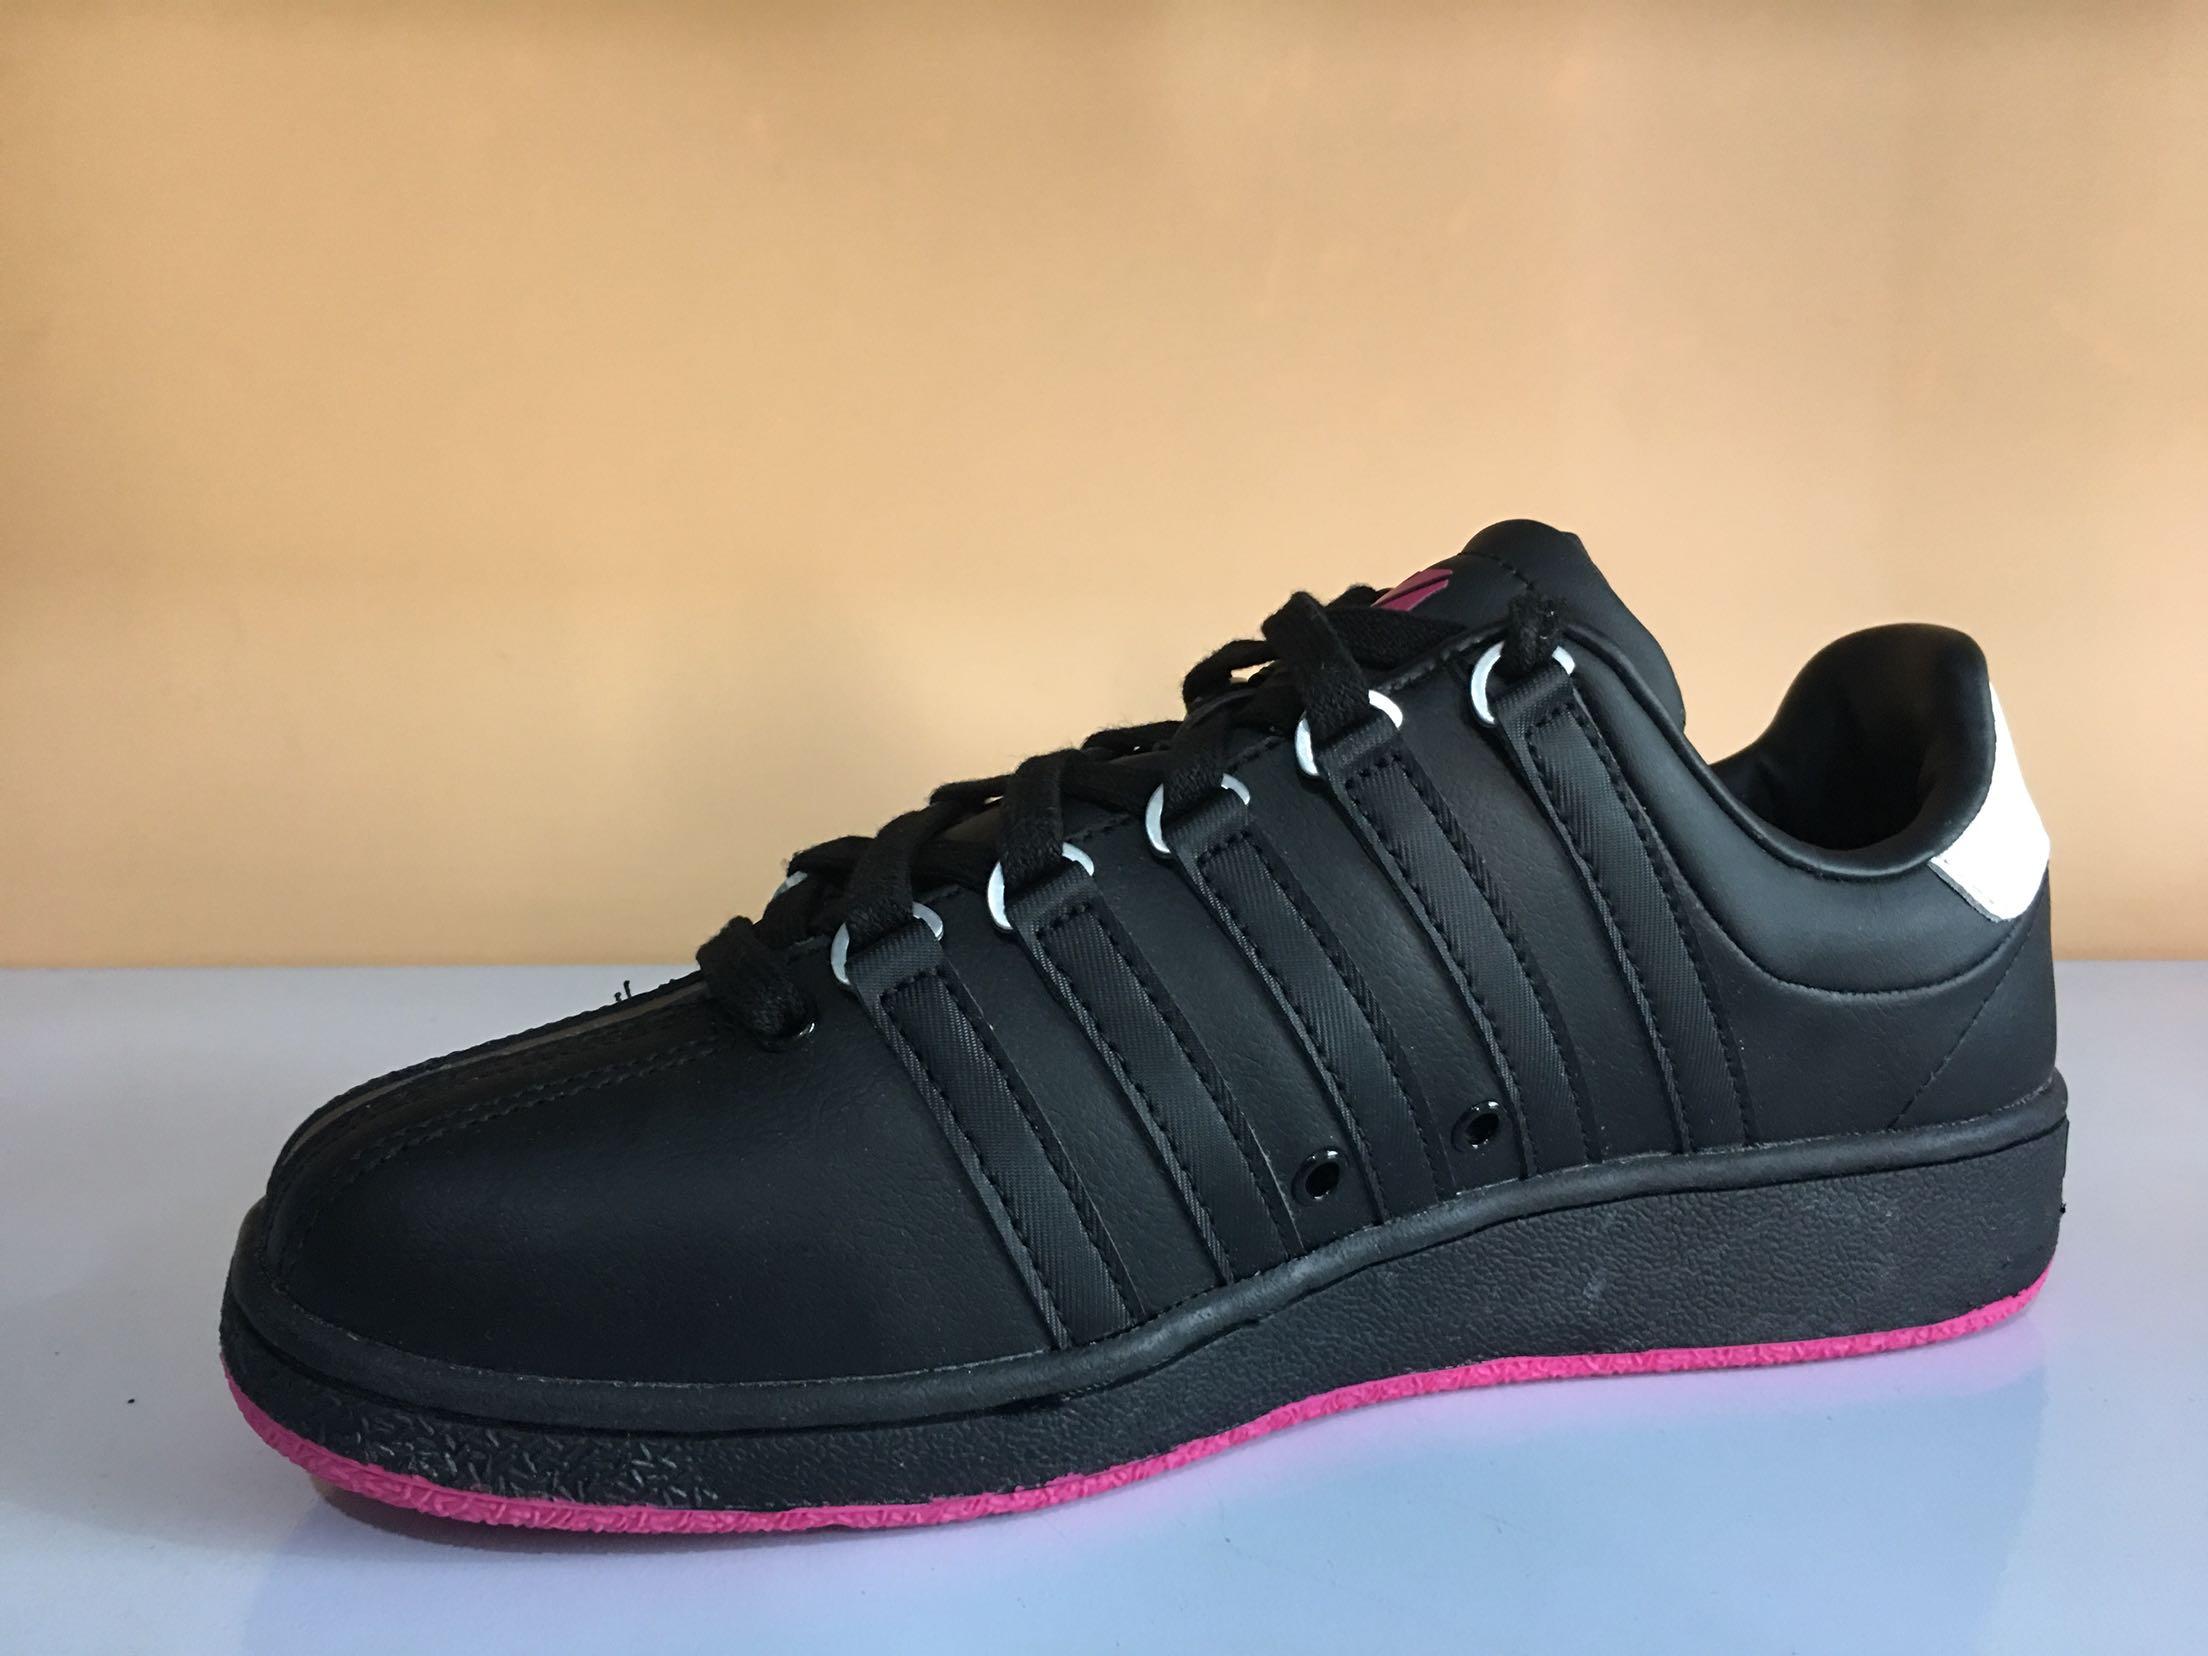 41 威时尚百搭耐磨全牛皮牛筋底休闲鞋 s 海外版正品盖 出口美国